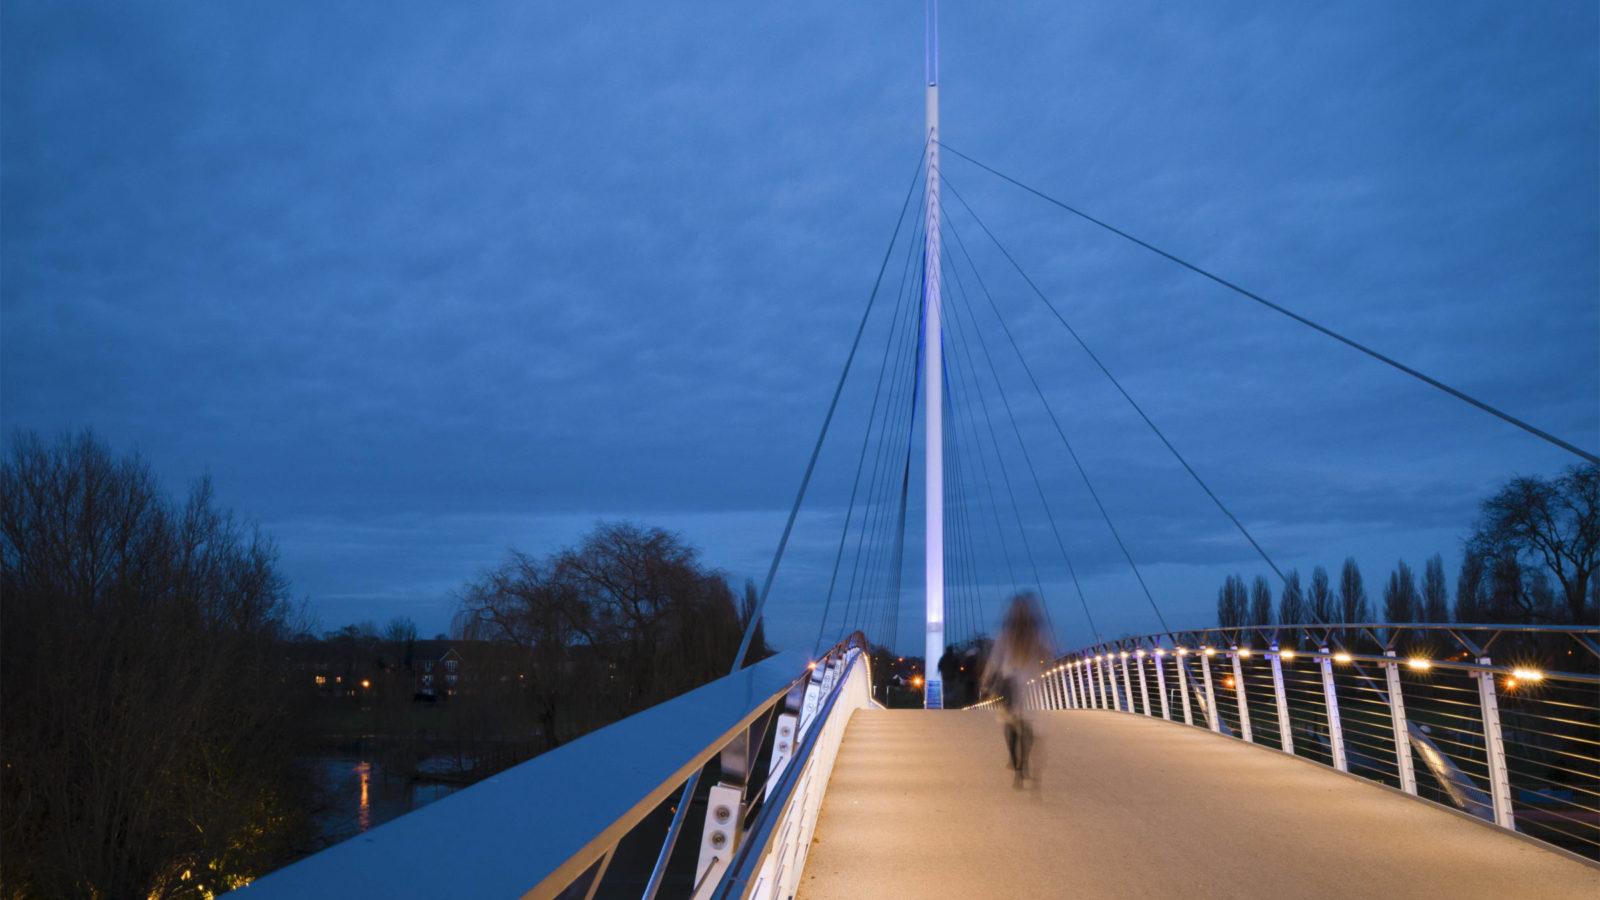 bridge at night lit up